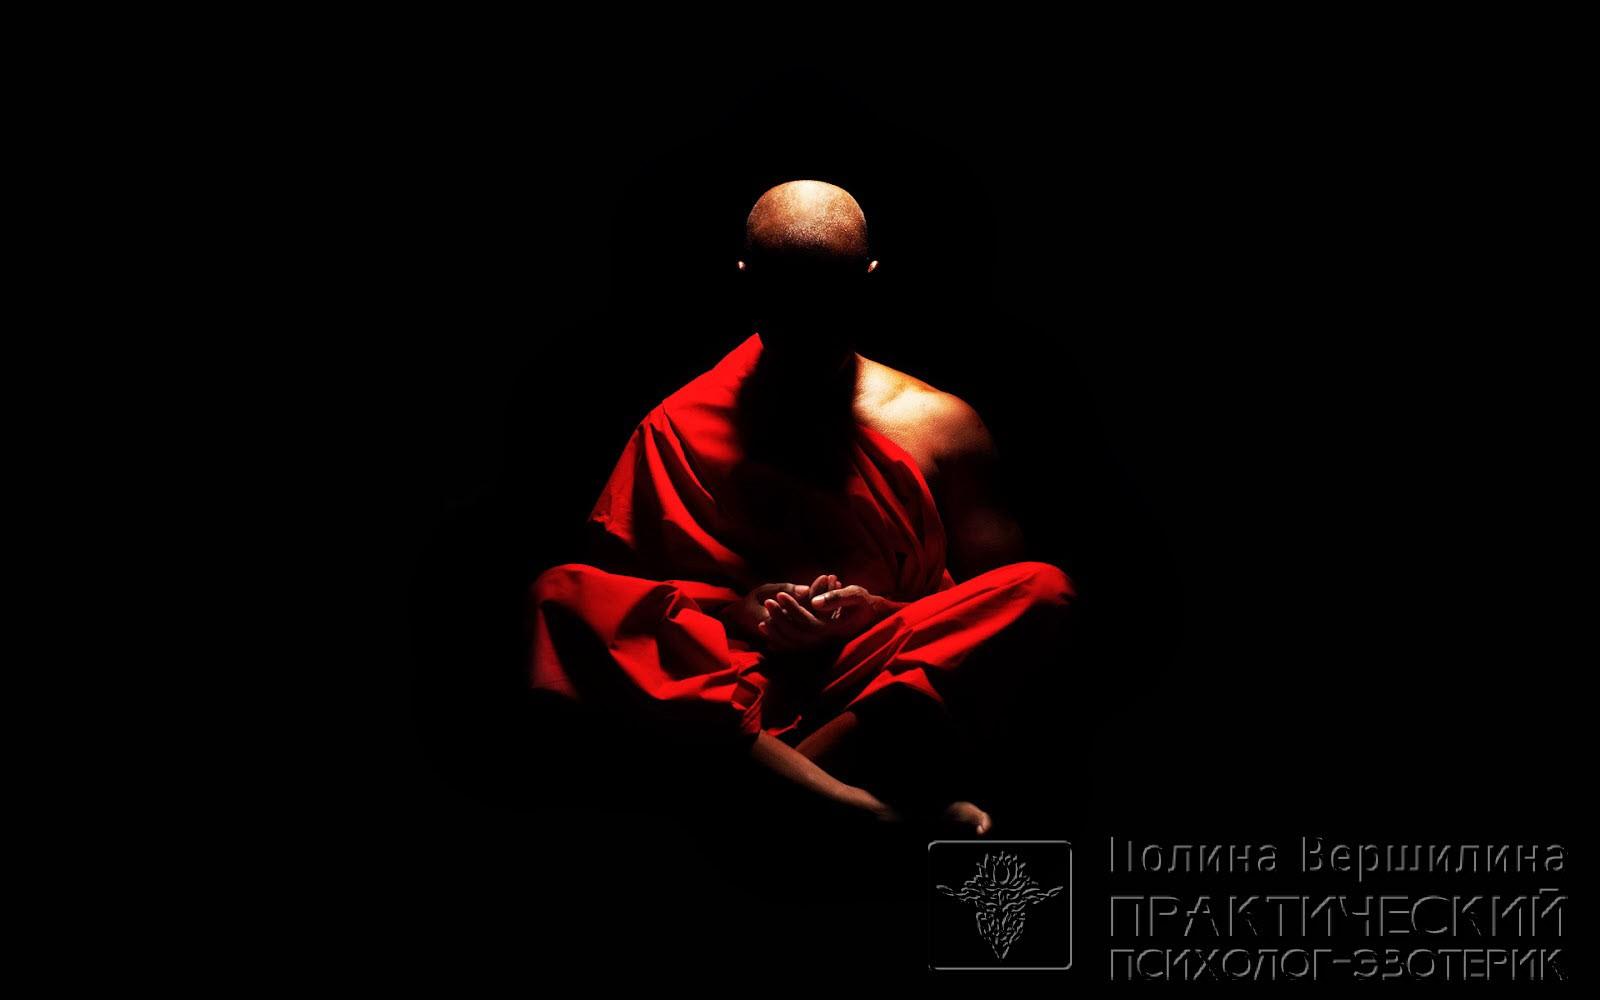 Как медитировать правильно Правильная медитация